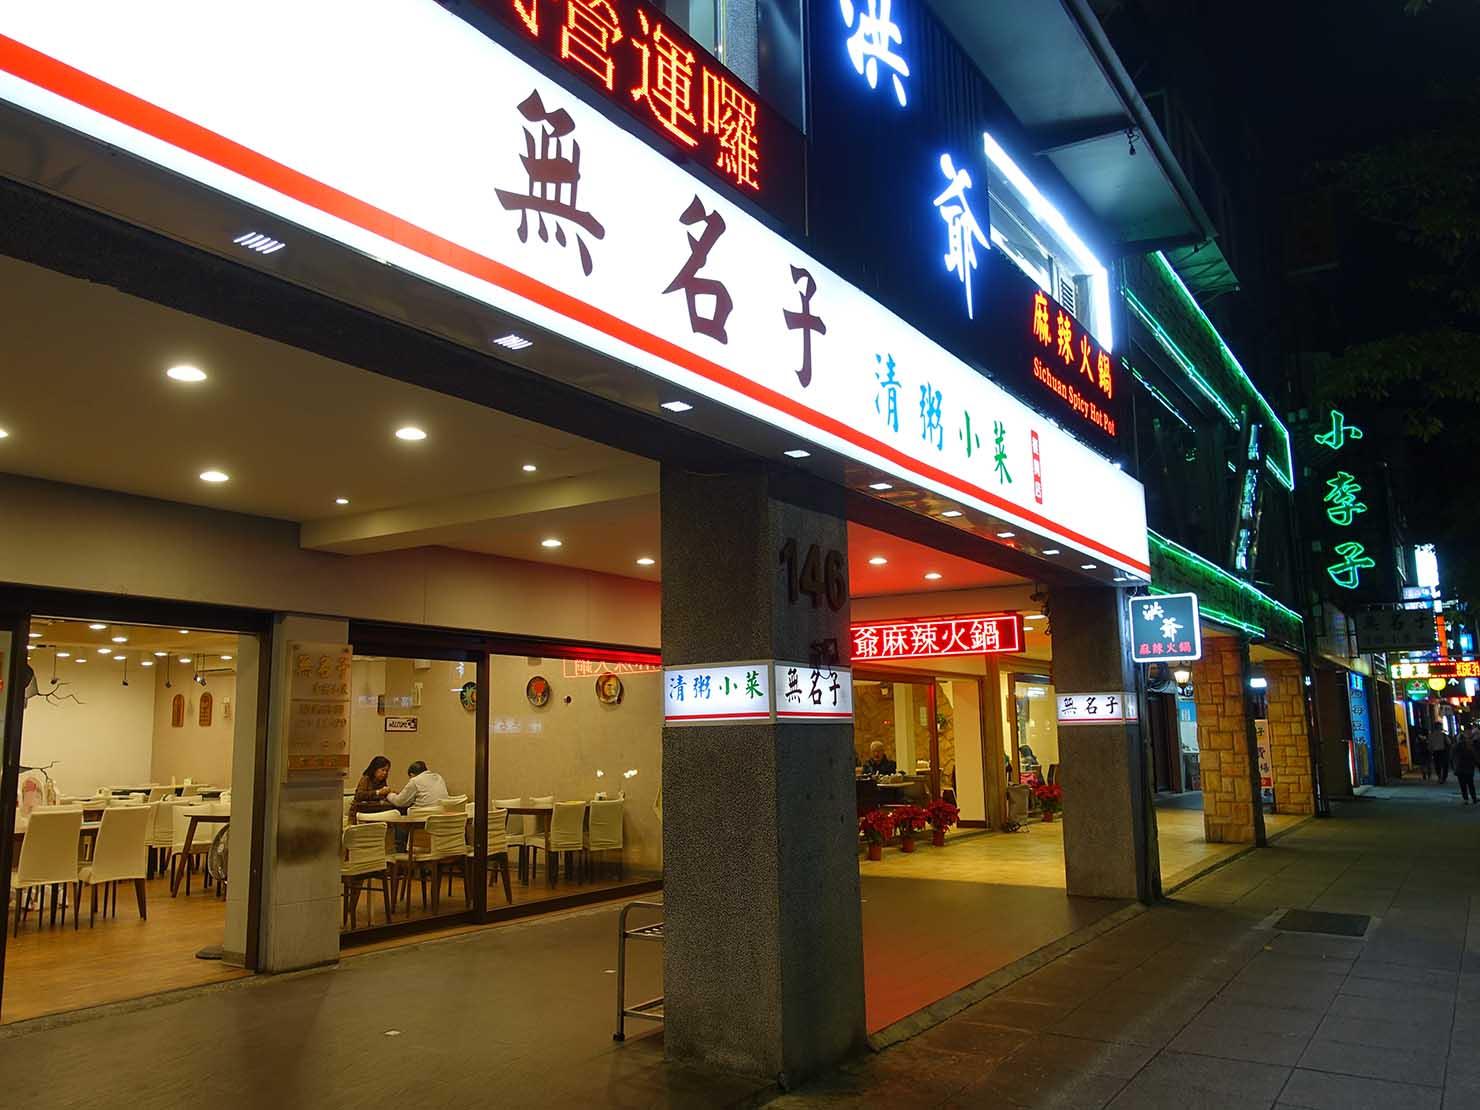 台北・清粥街(お粥街)にある「無名字清粥小菜」夜の外観